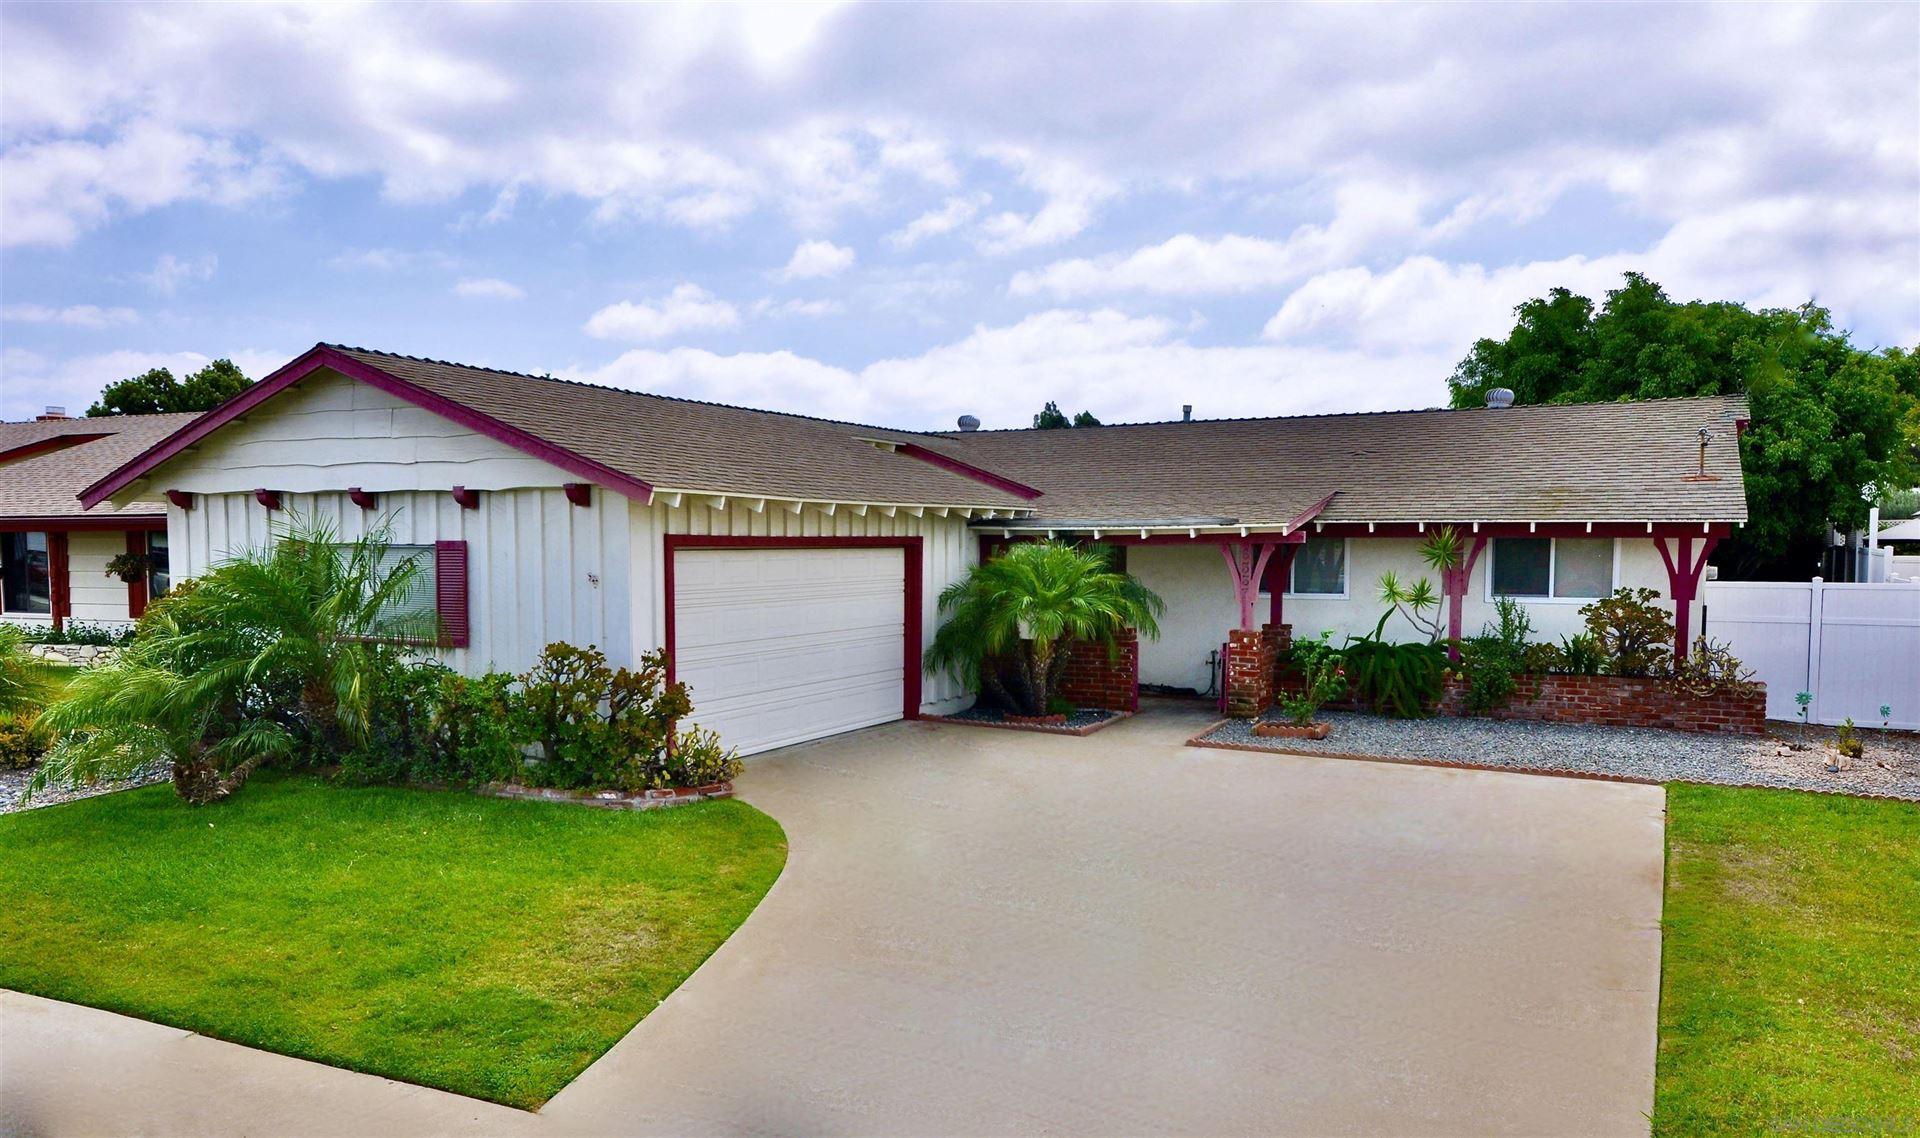 6337 Charing St, San Diego, CA 92117 - MLS#: 210029018